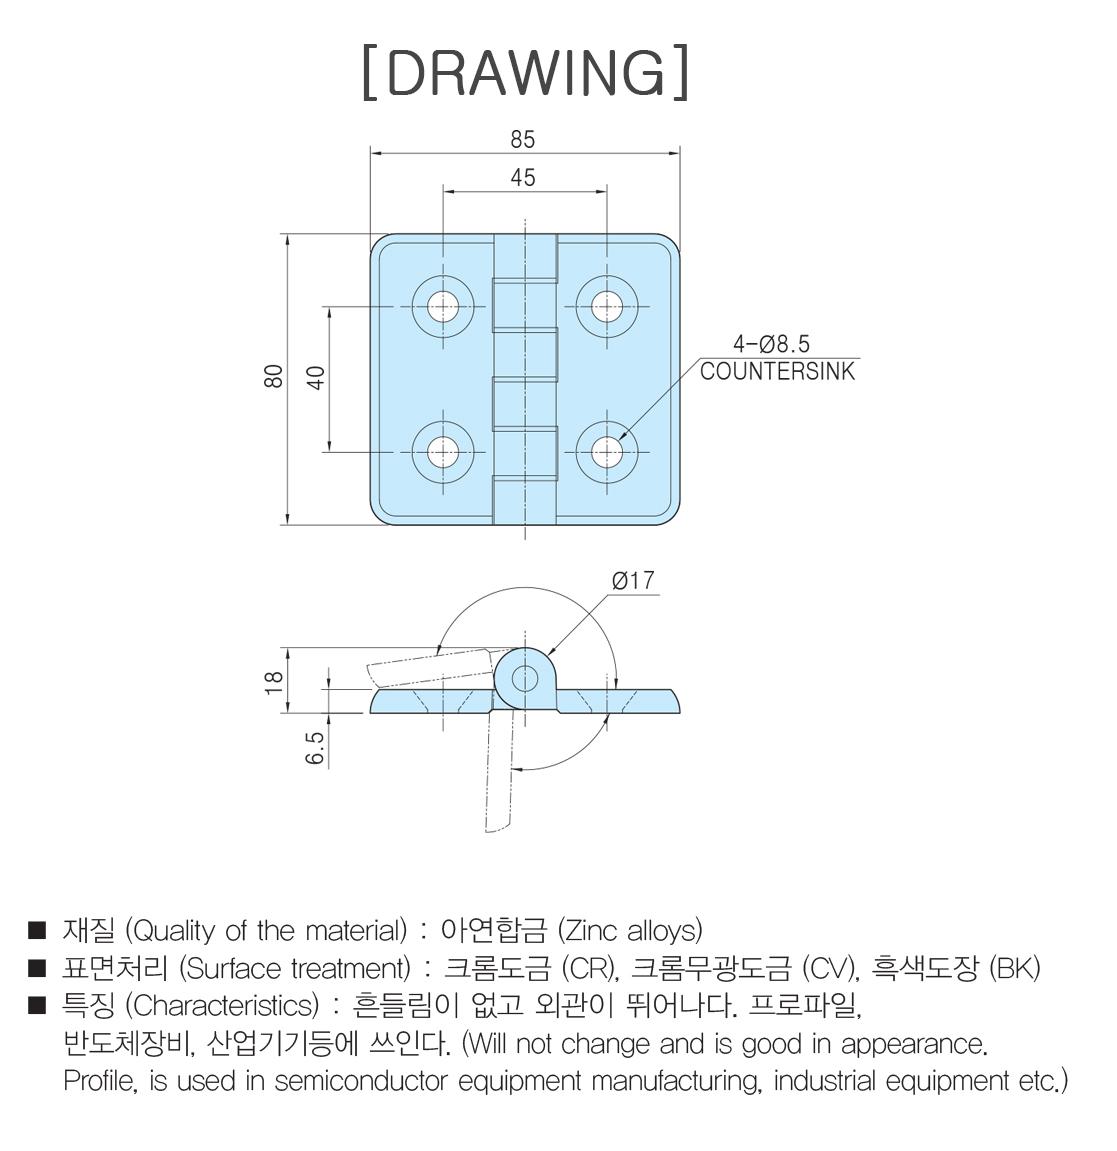 A014_SHC-8085_2.jpg